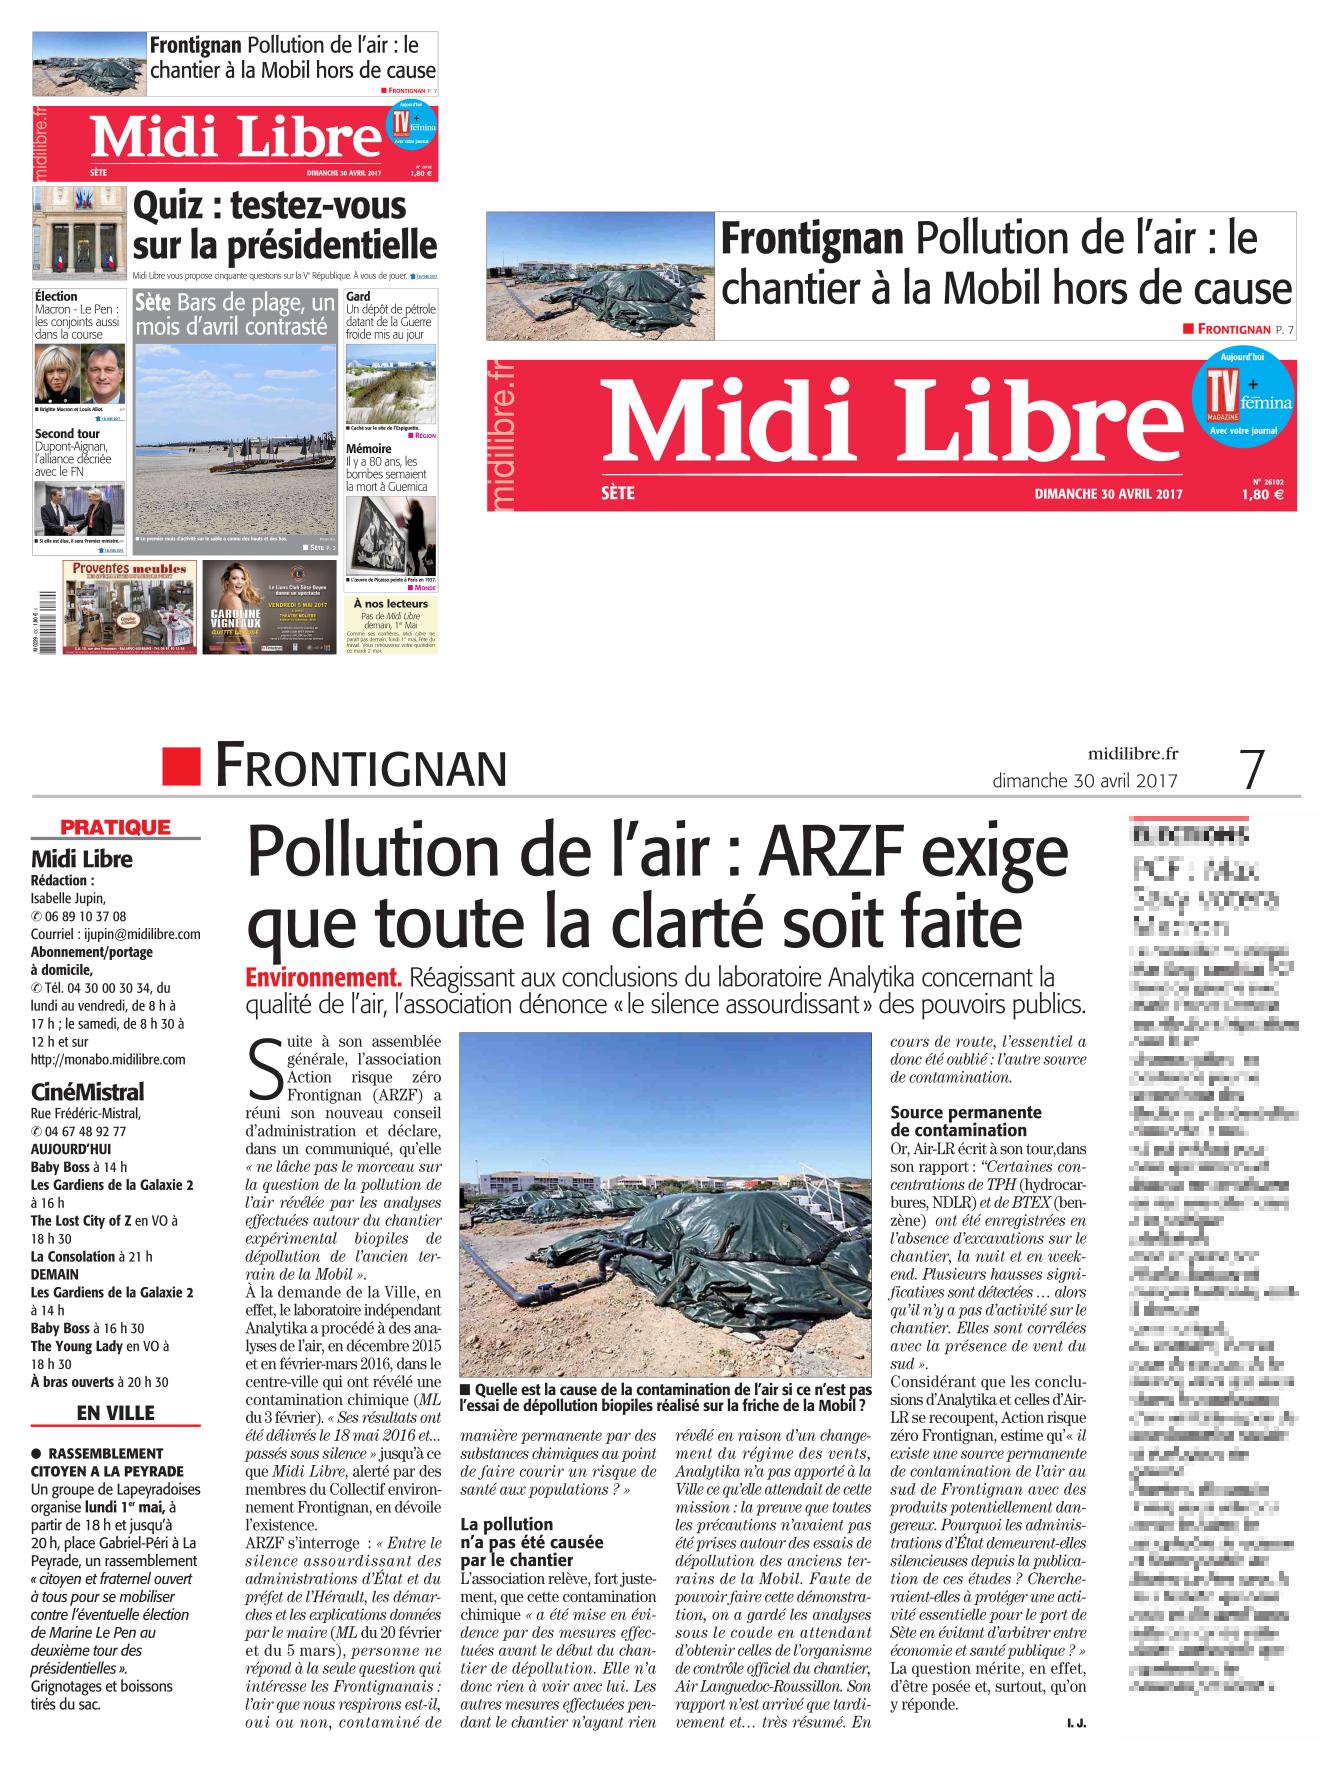 """30.04.2017 > MIDI-LIBRE : """"Frontignan : Pollution de l'air : L'association ARZF exige que toute la clarté soit faite"""""""